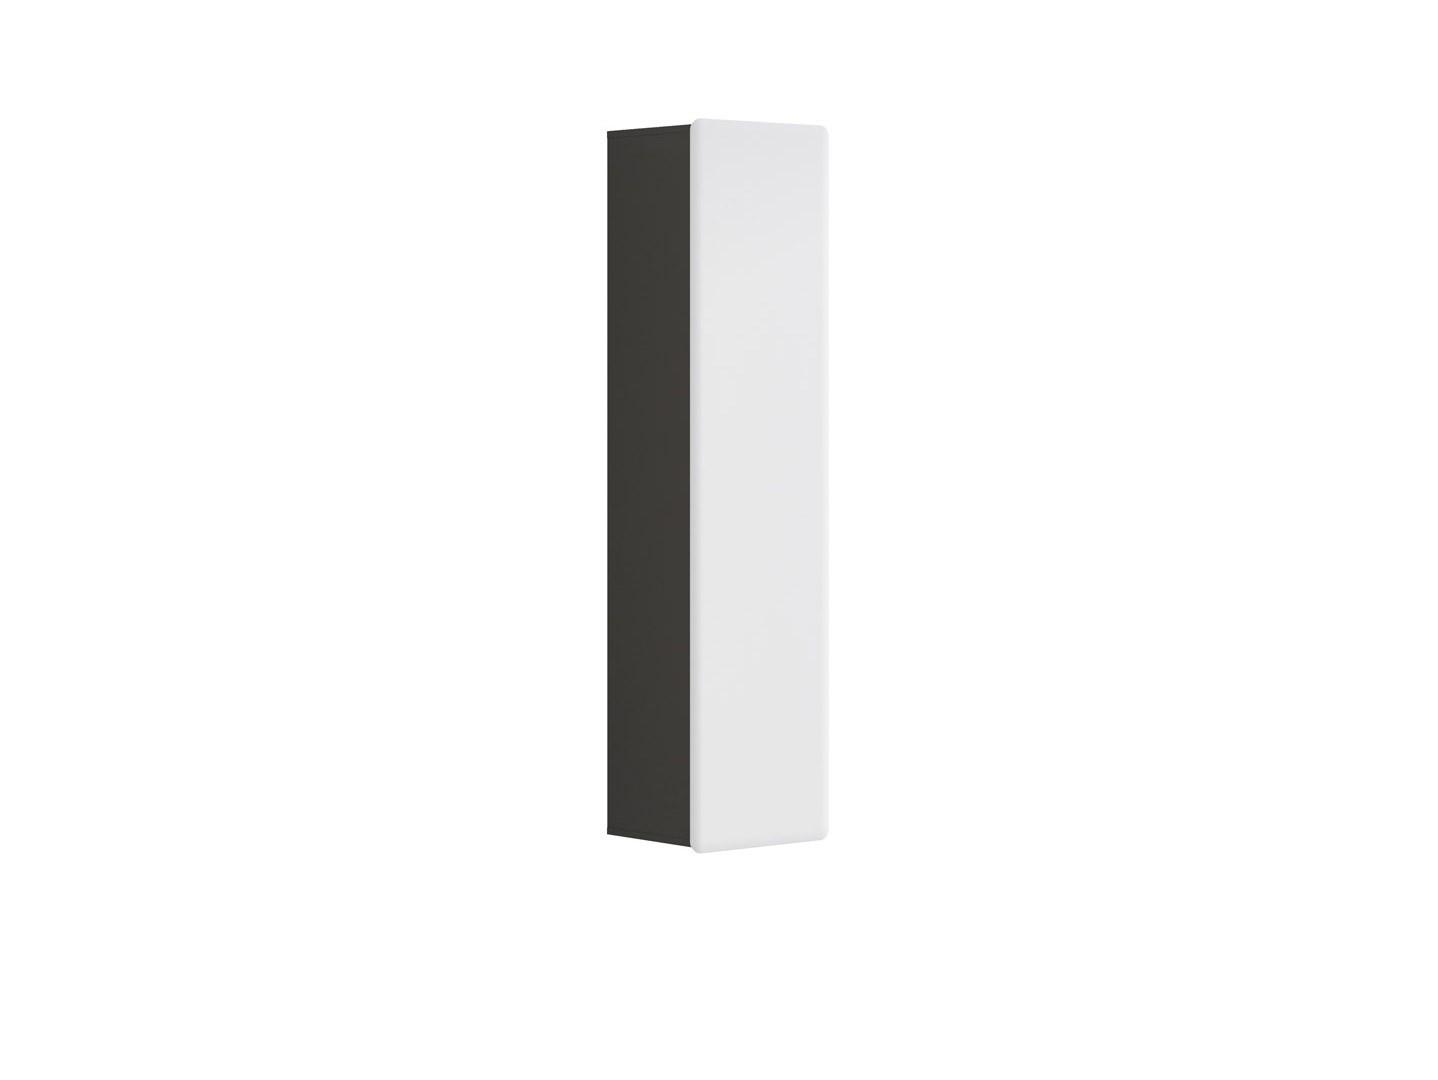 Skříňka na stěnu - BRW - Possi Light - SFW1D/16/4 (šedý wolfram + lesk bílý)